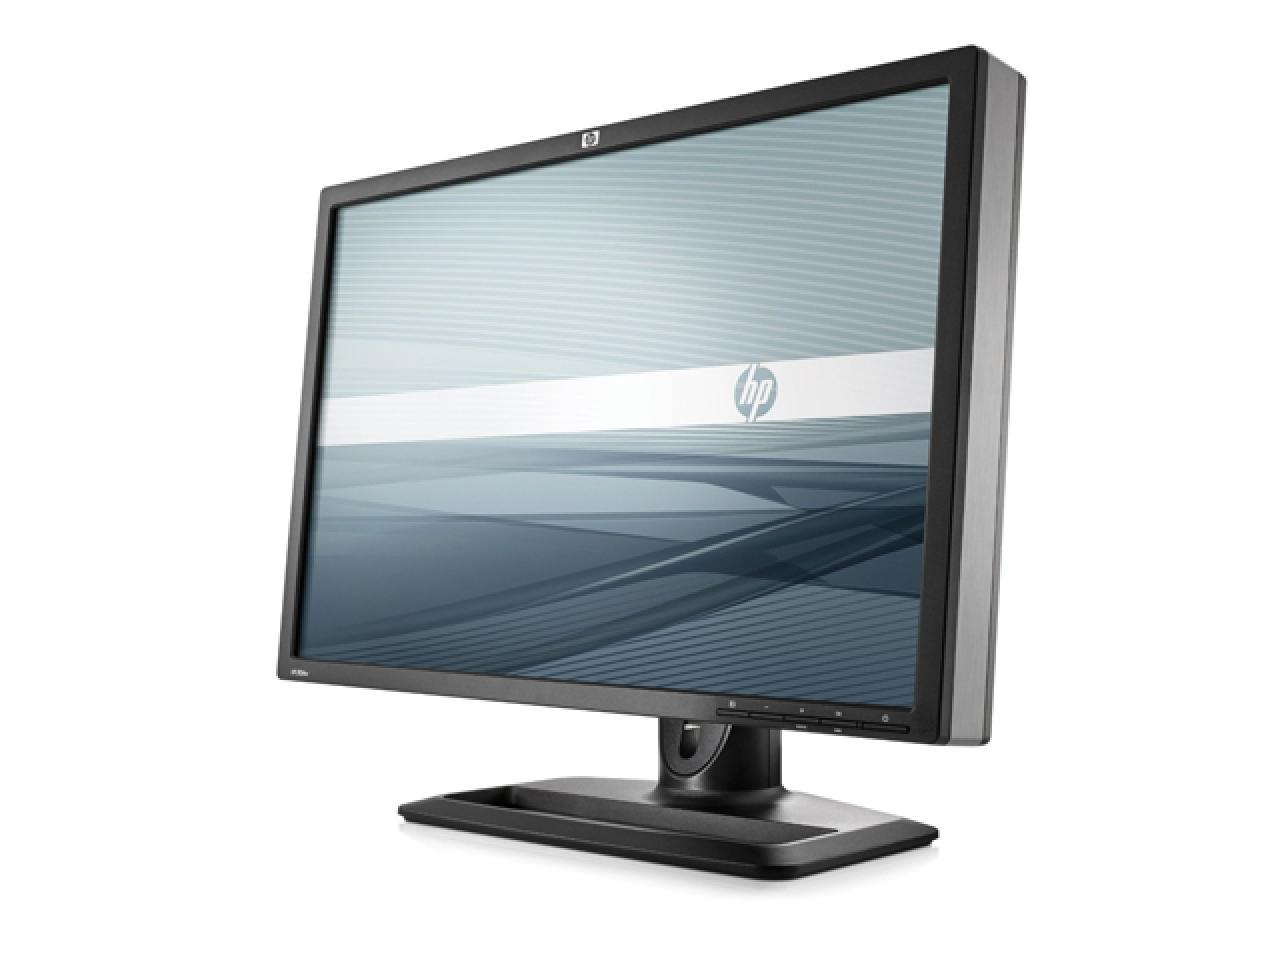 Hewlett Packard ZR24w   - shop.bb-net.de